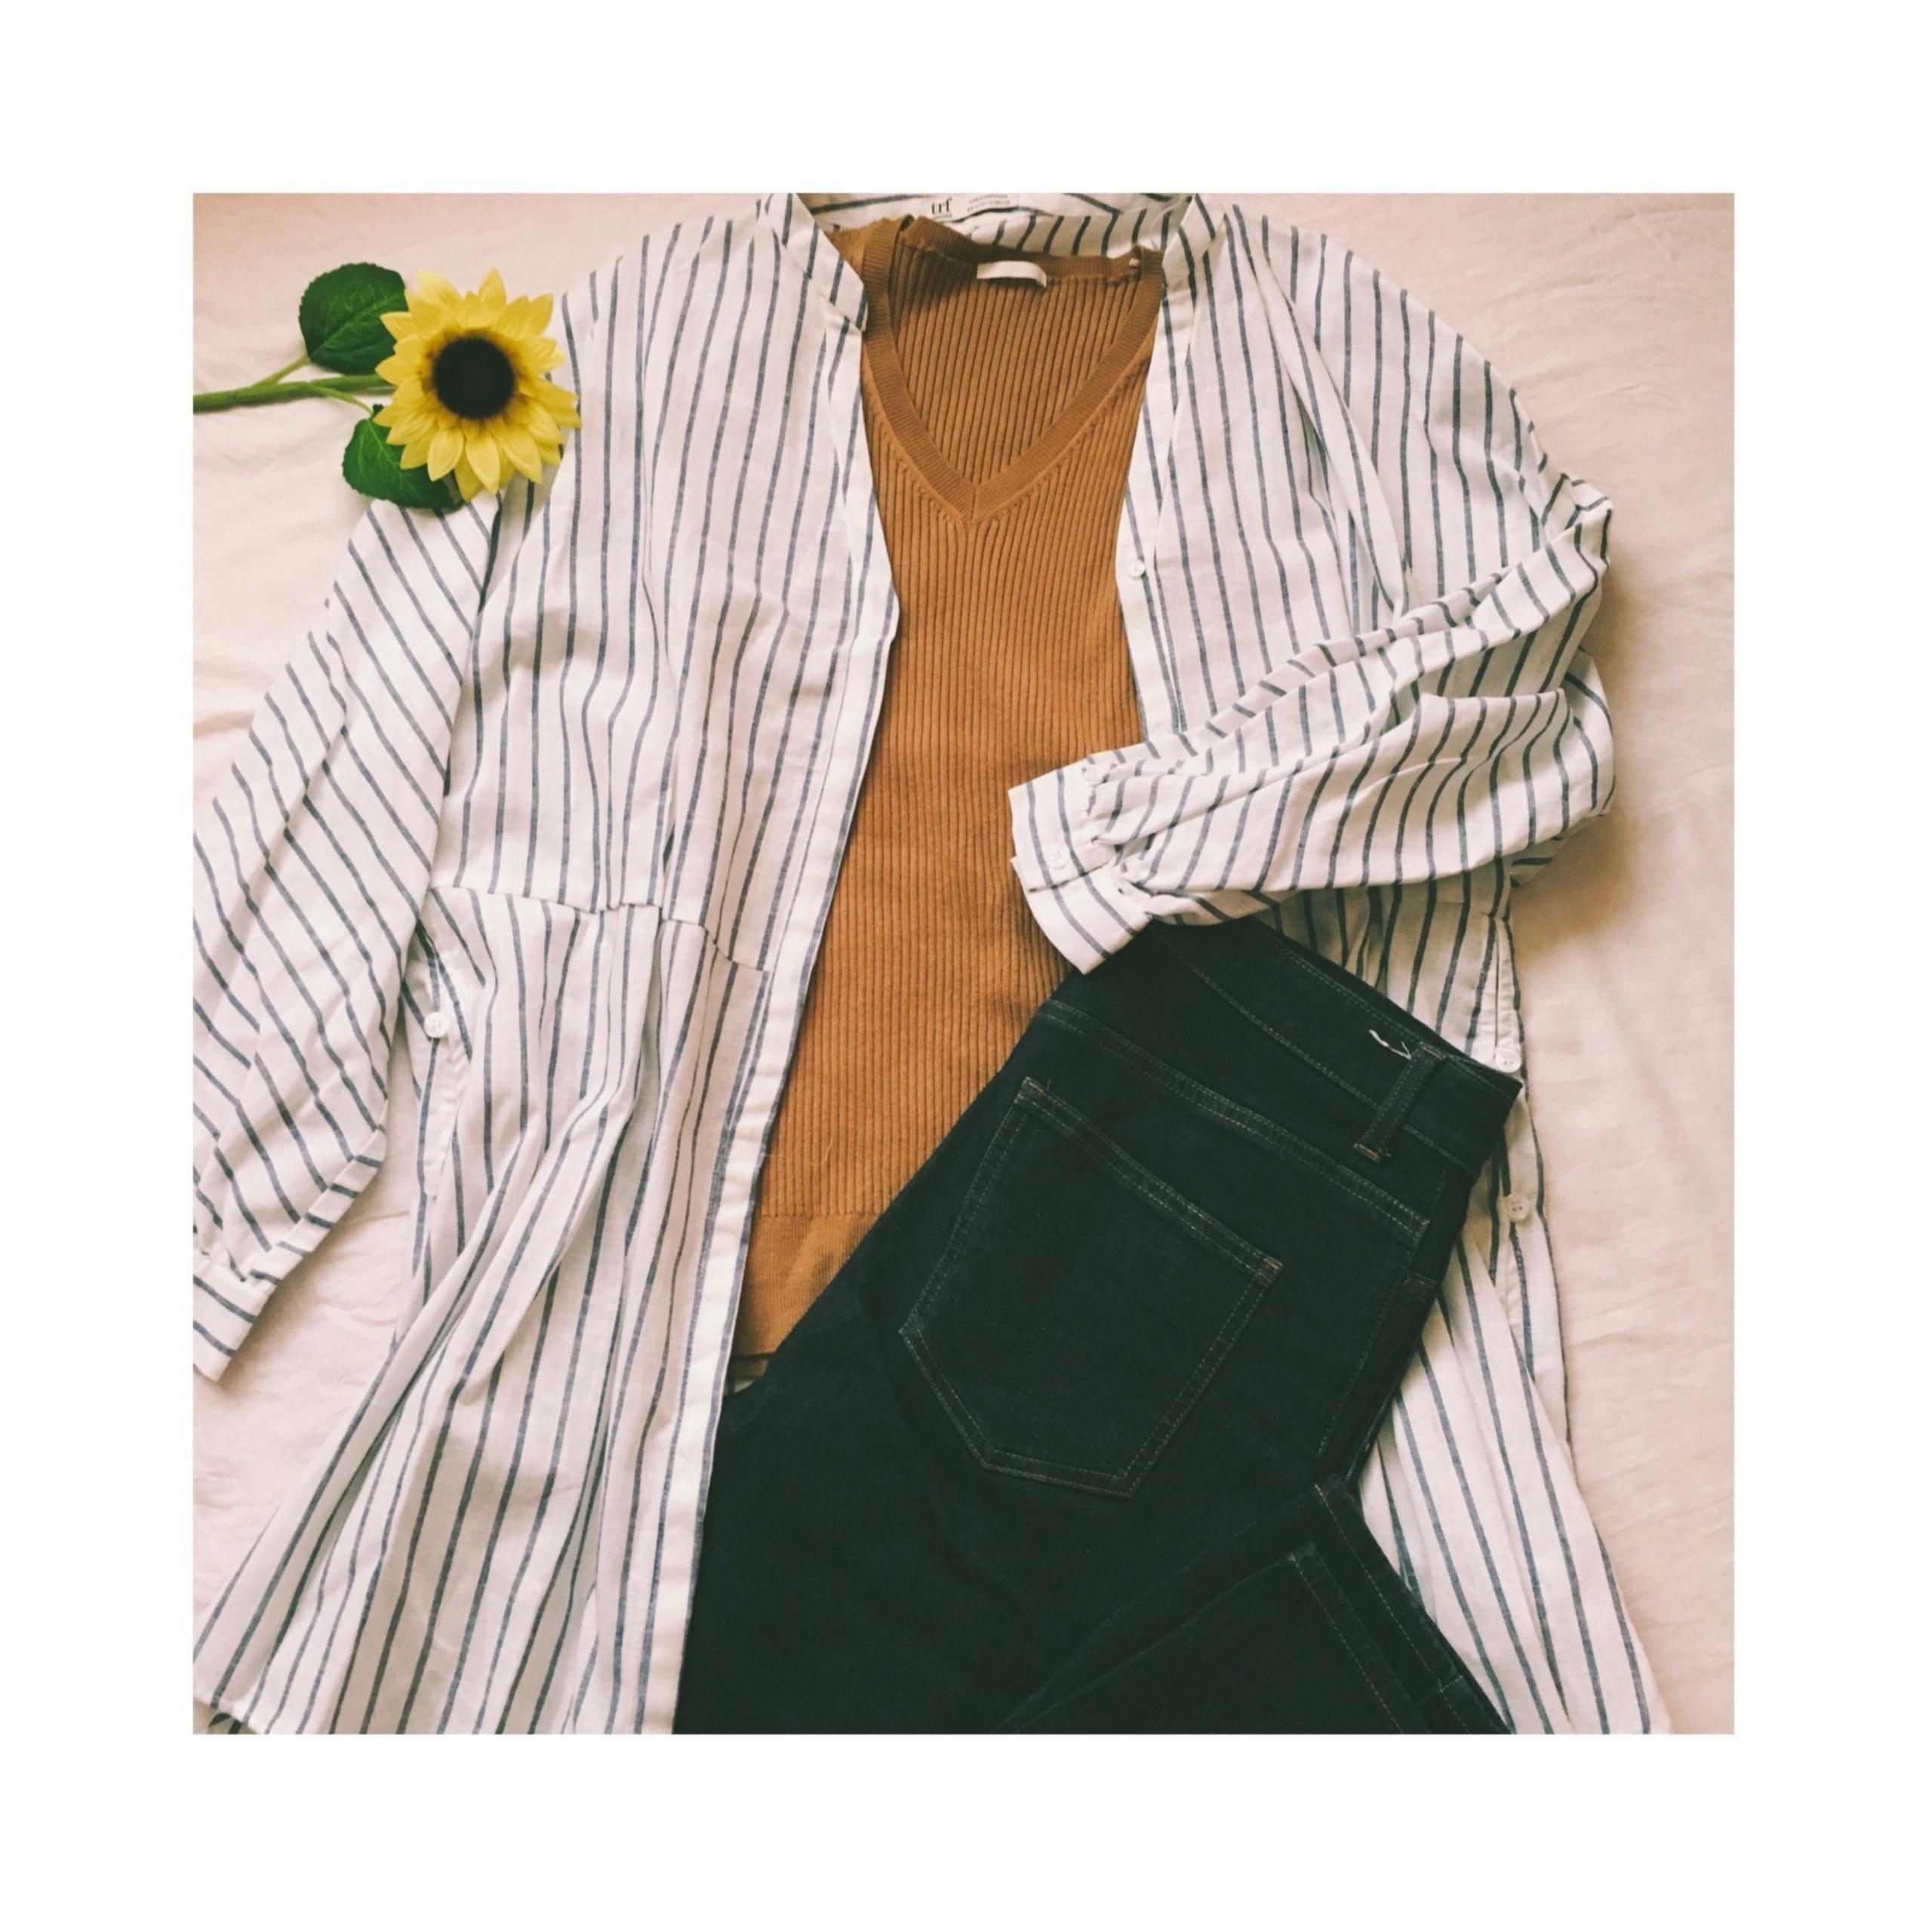 ZARA,ファッション,セール,ザラ,2018,夏